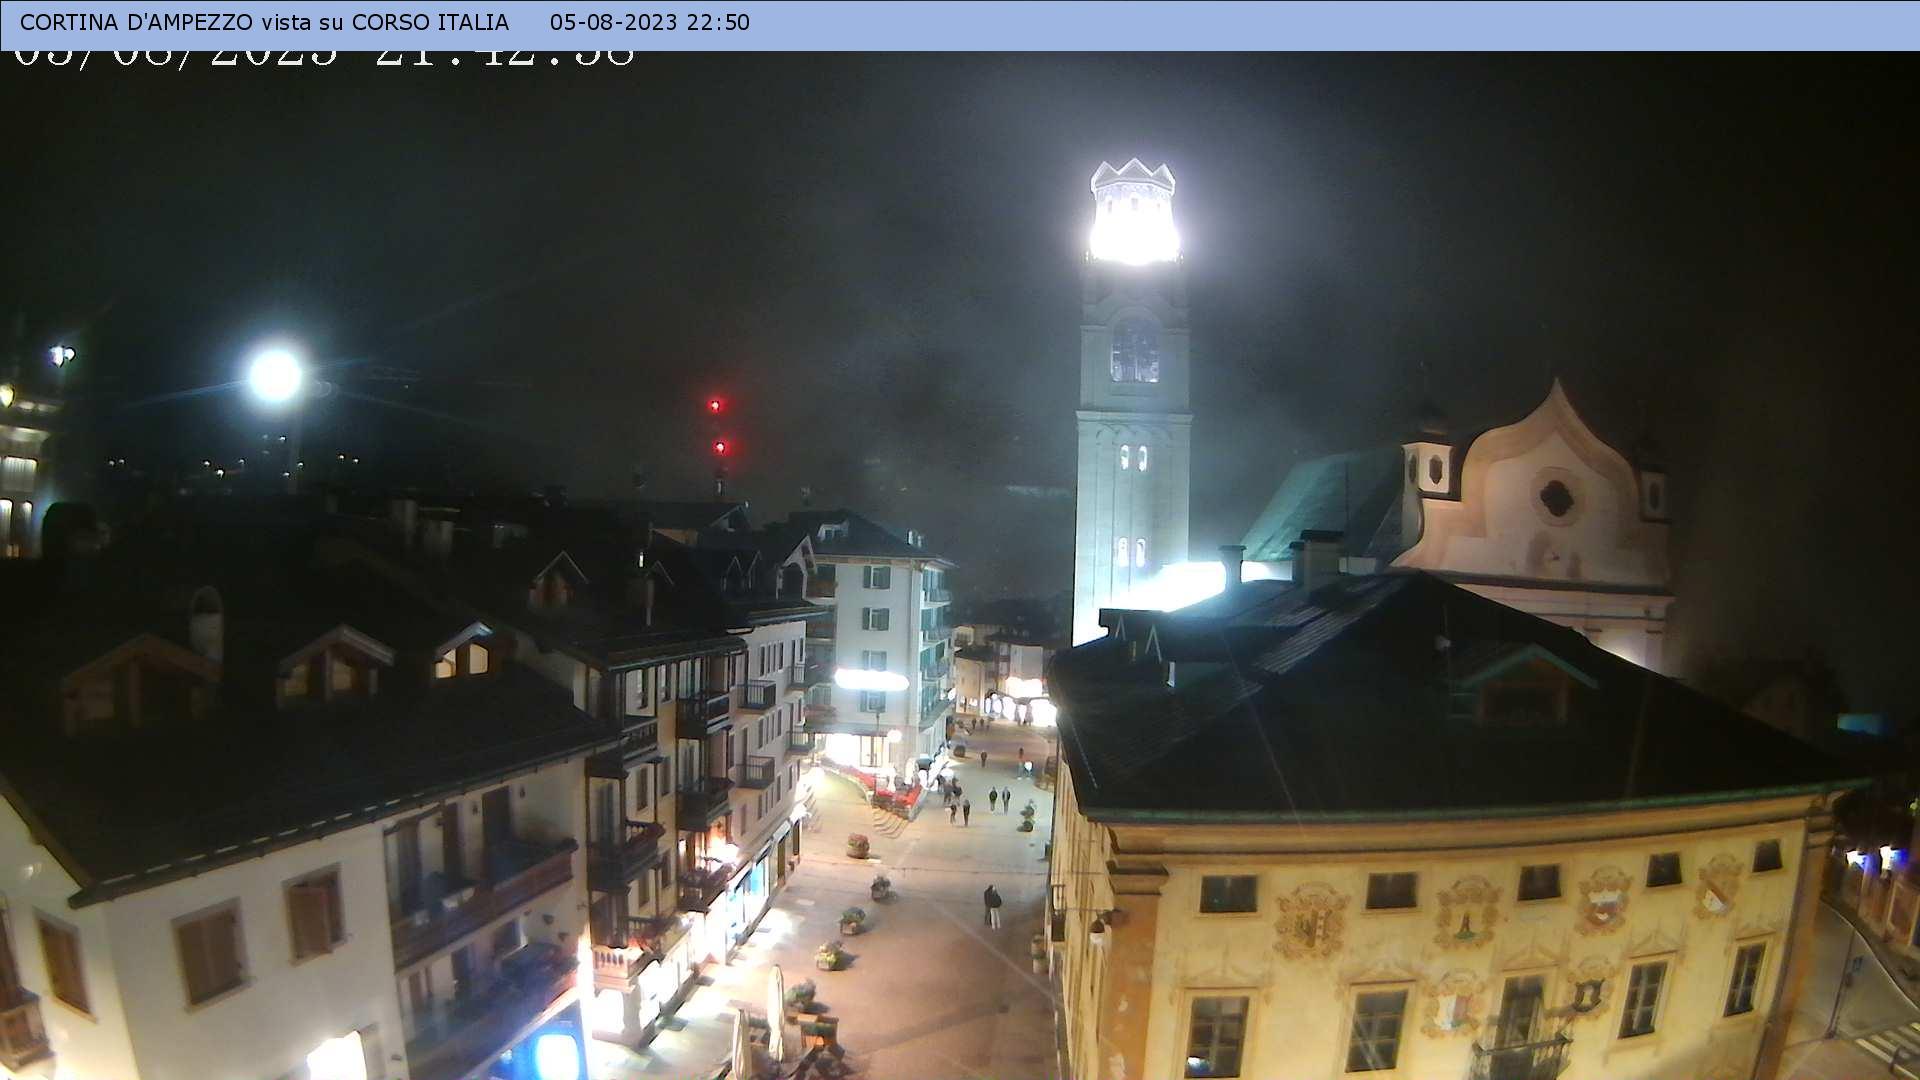 Cortina d'Ampezzo, centro storico